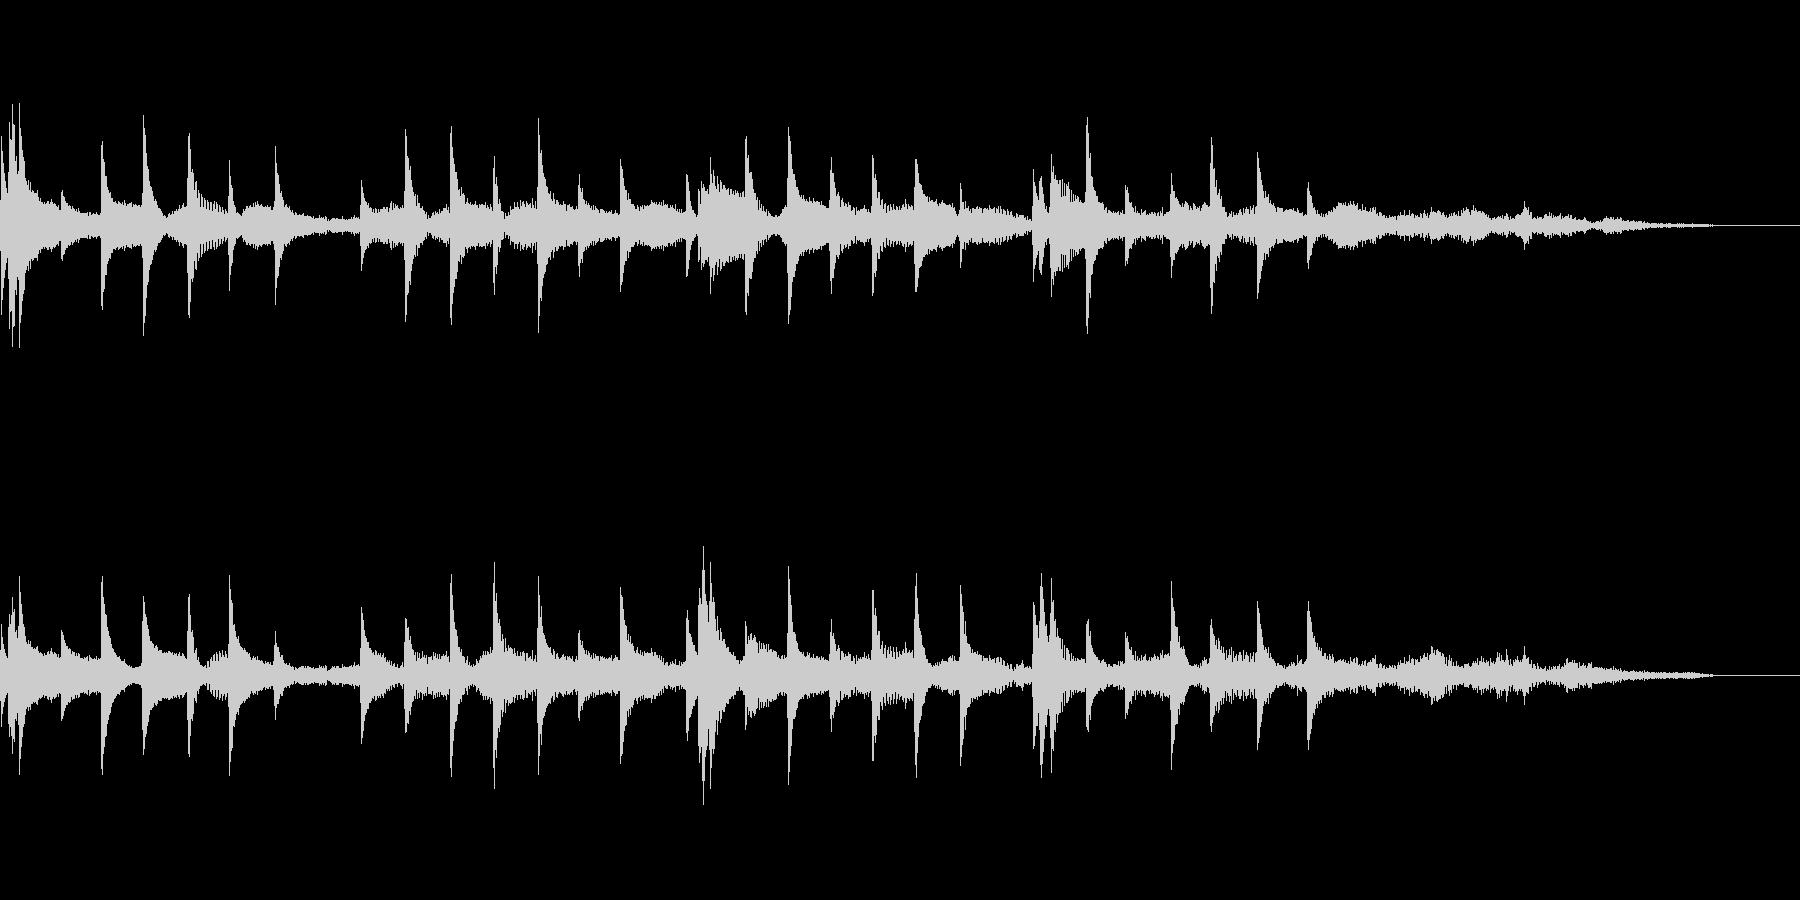 きらキラするジングル風BGMの未再生の波形